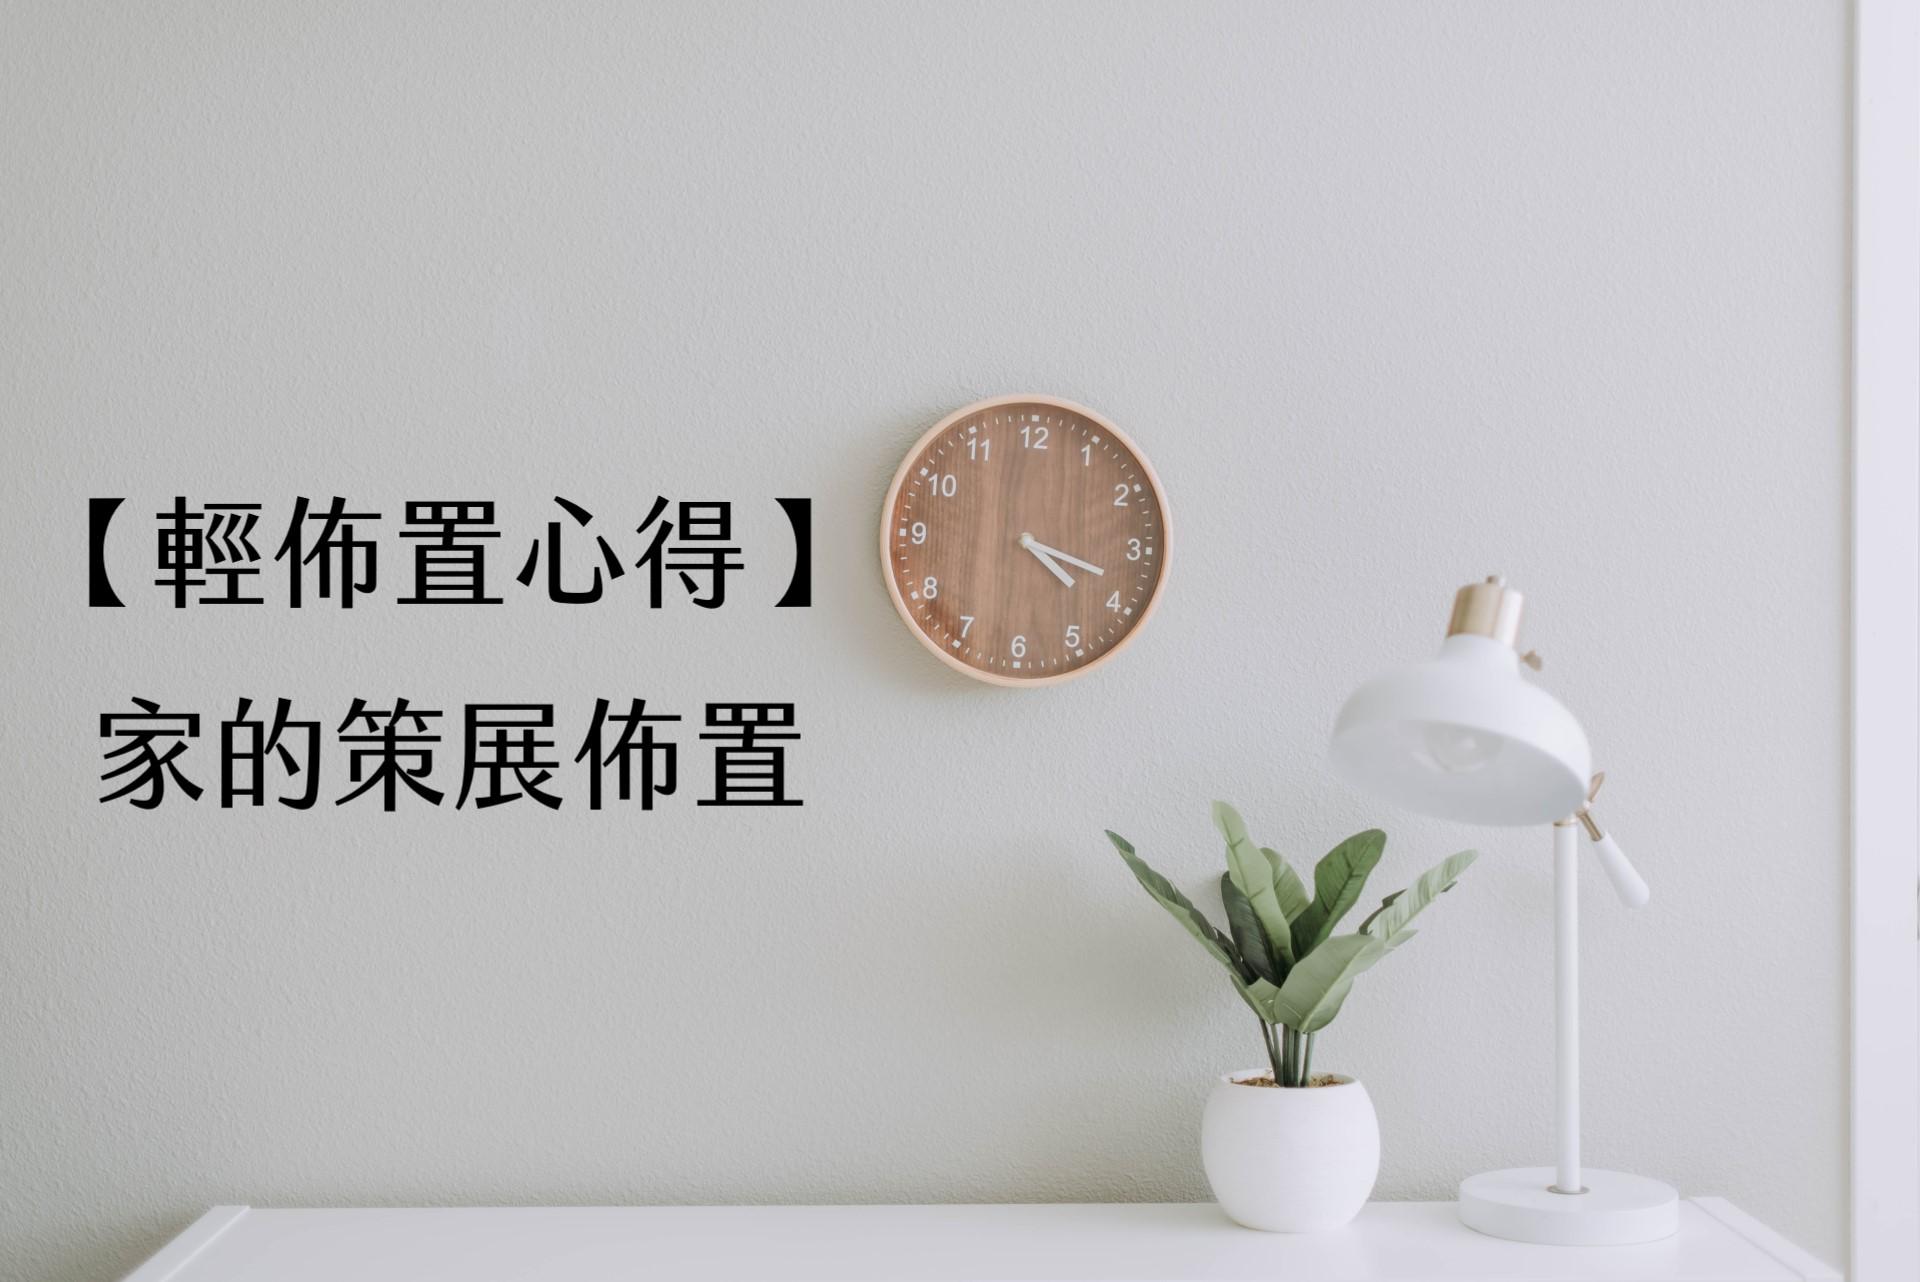 【輕佈置心得】打造清爽空間 2